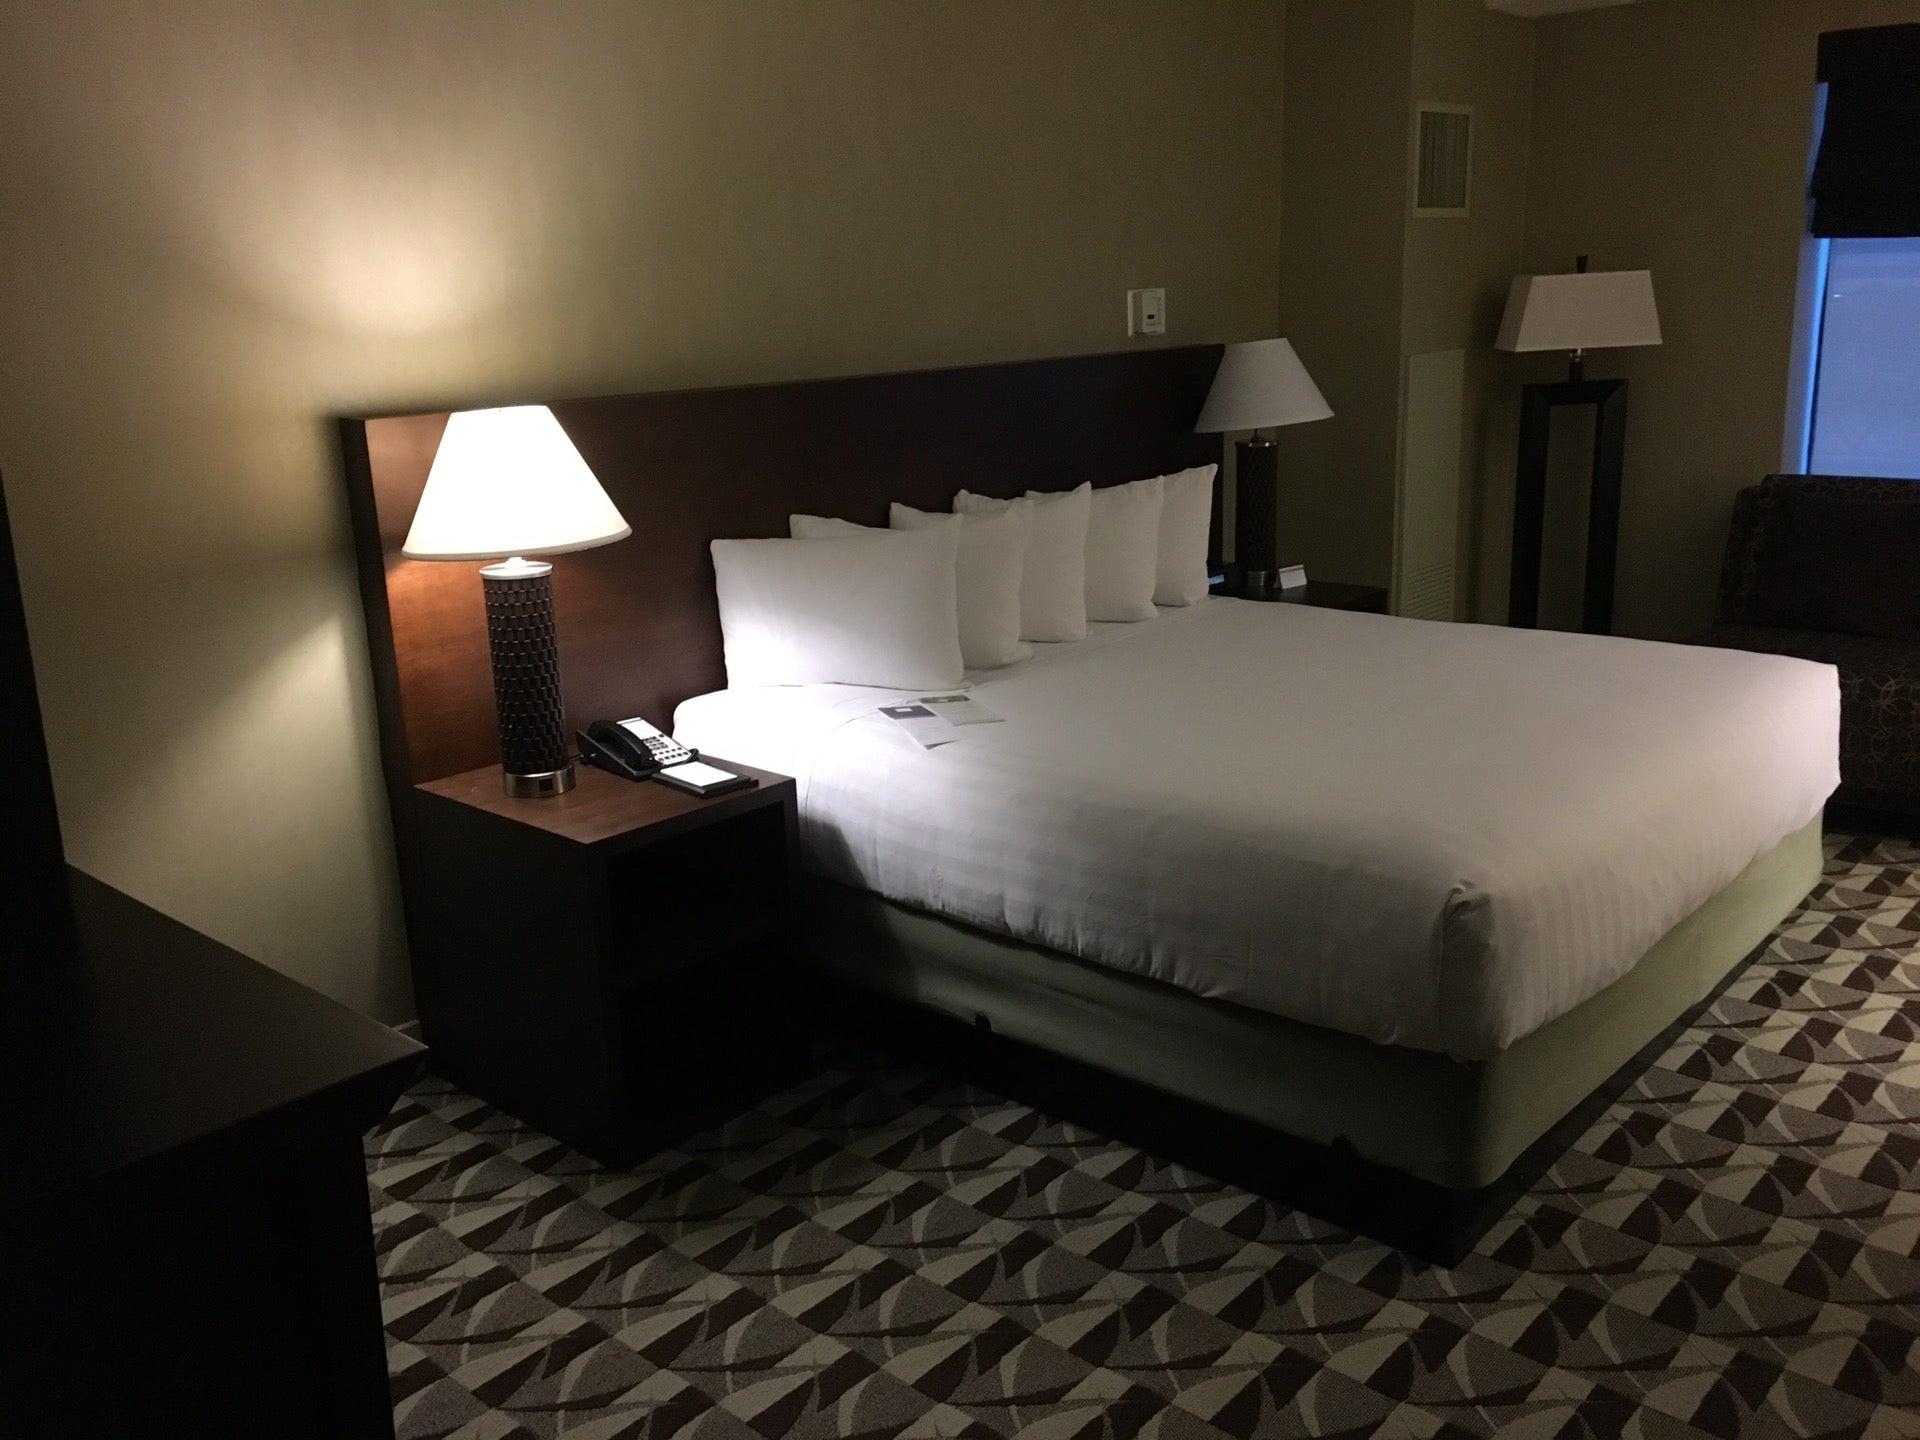 Hyatt Regency Schaumburg Chicago,conference services,fresh 1800,hotel,indoor - outdoor pool,meeting planners,suites,wedding venue